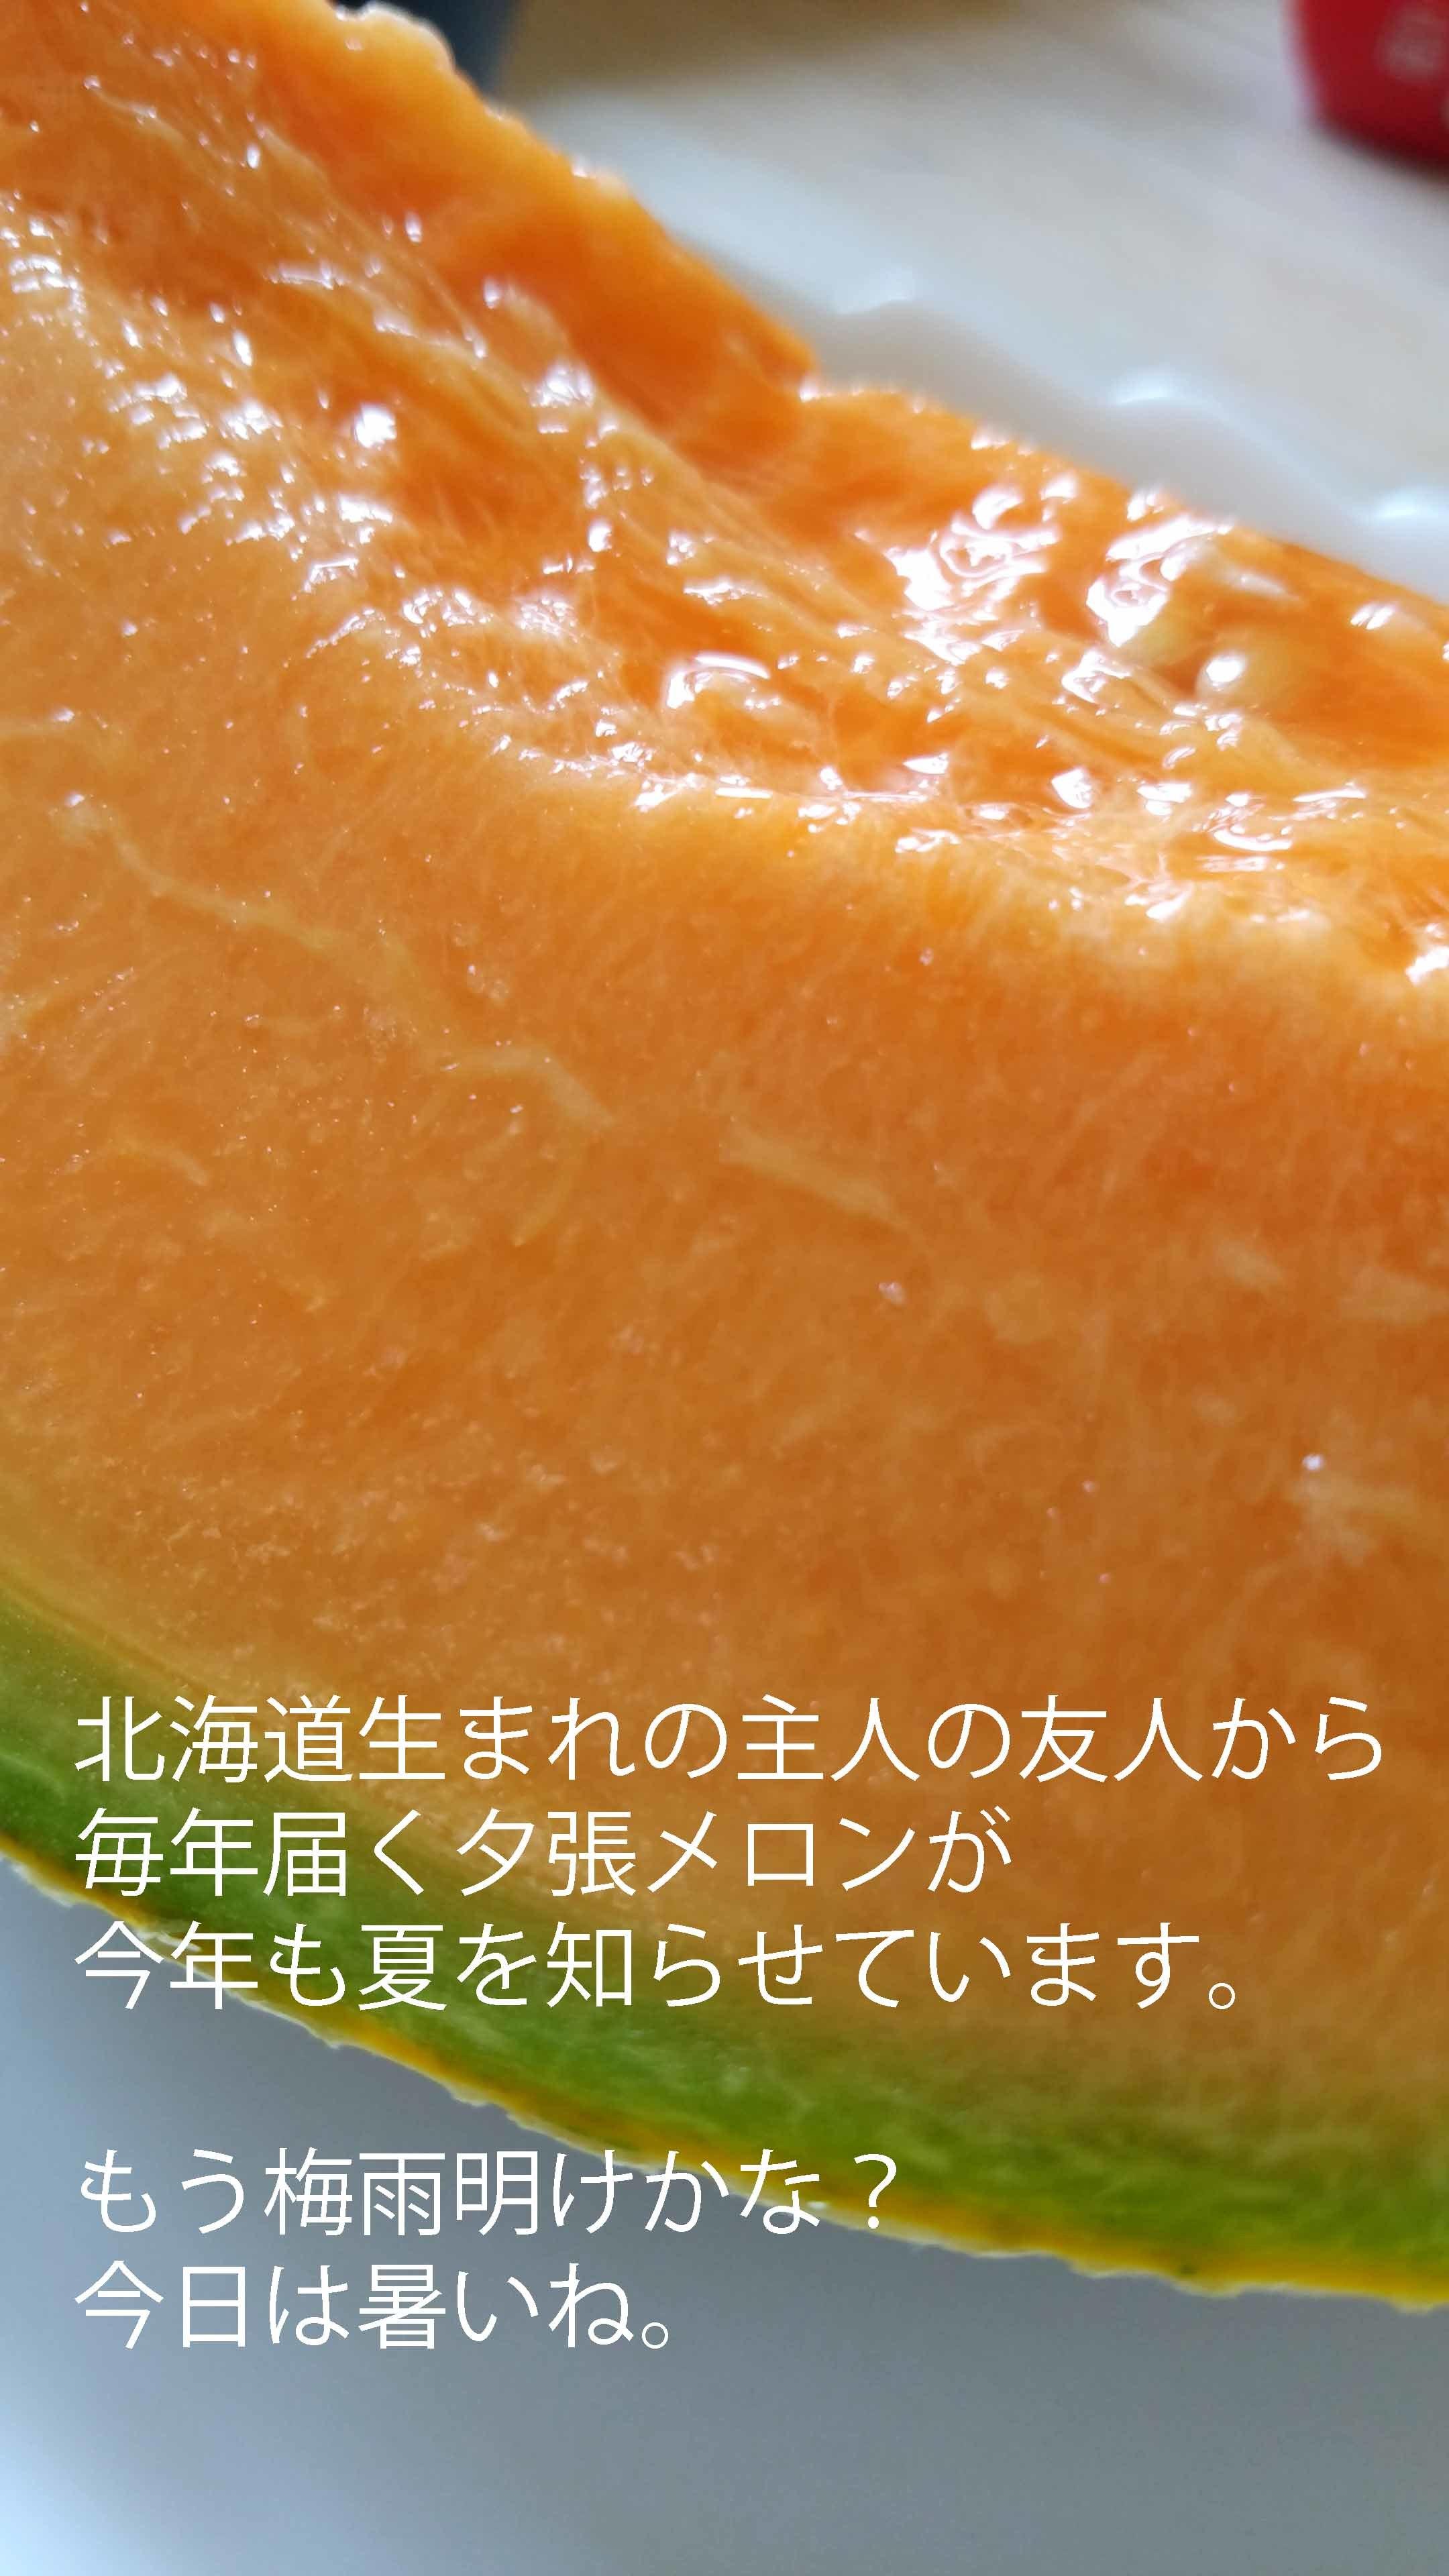 b0184721_14544101.jpg